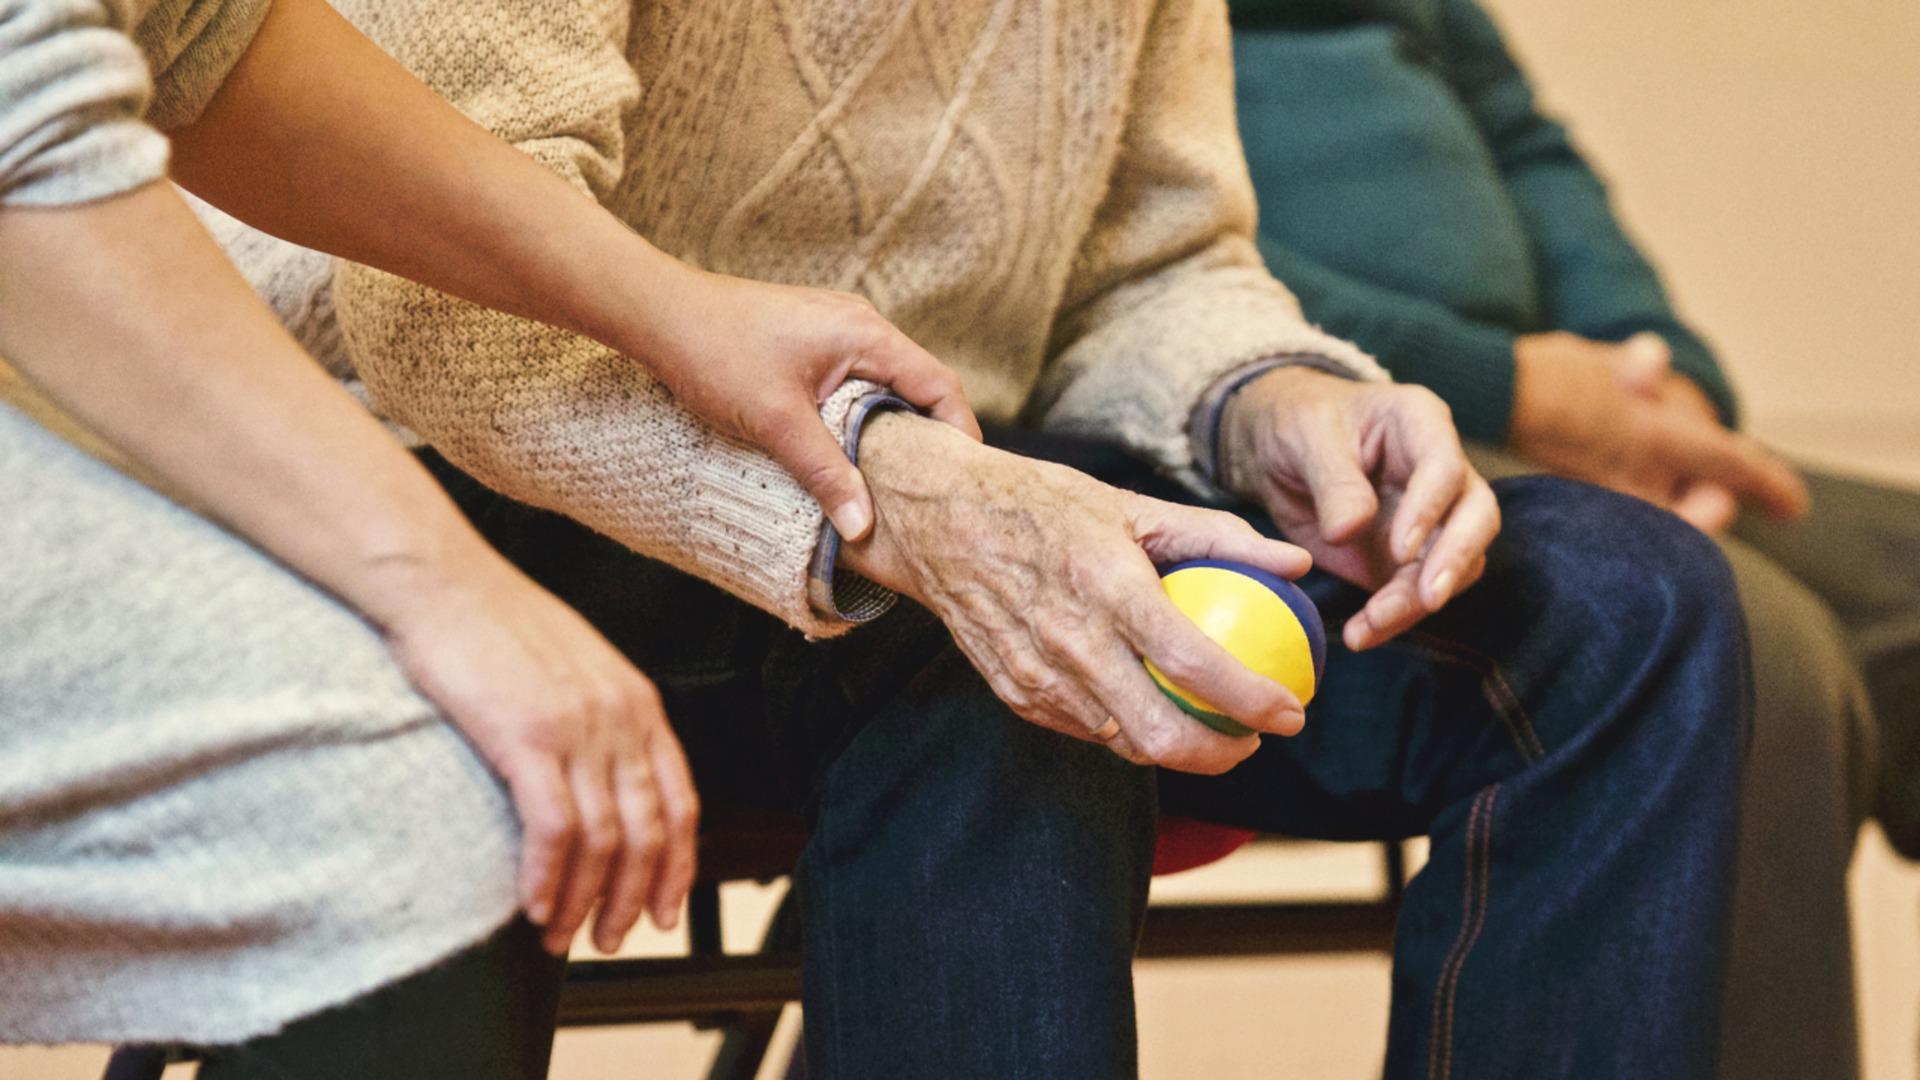 Mój pierwszy kontrakt jako opiekunka seniora, na co powinnam zwracać uwagę? - Zdjęcie główne